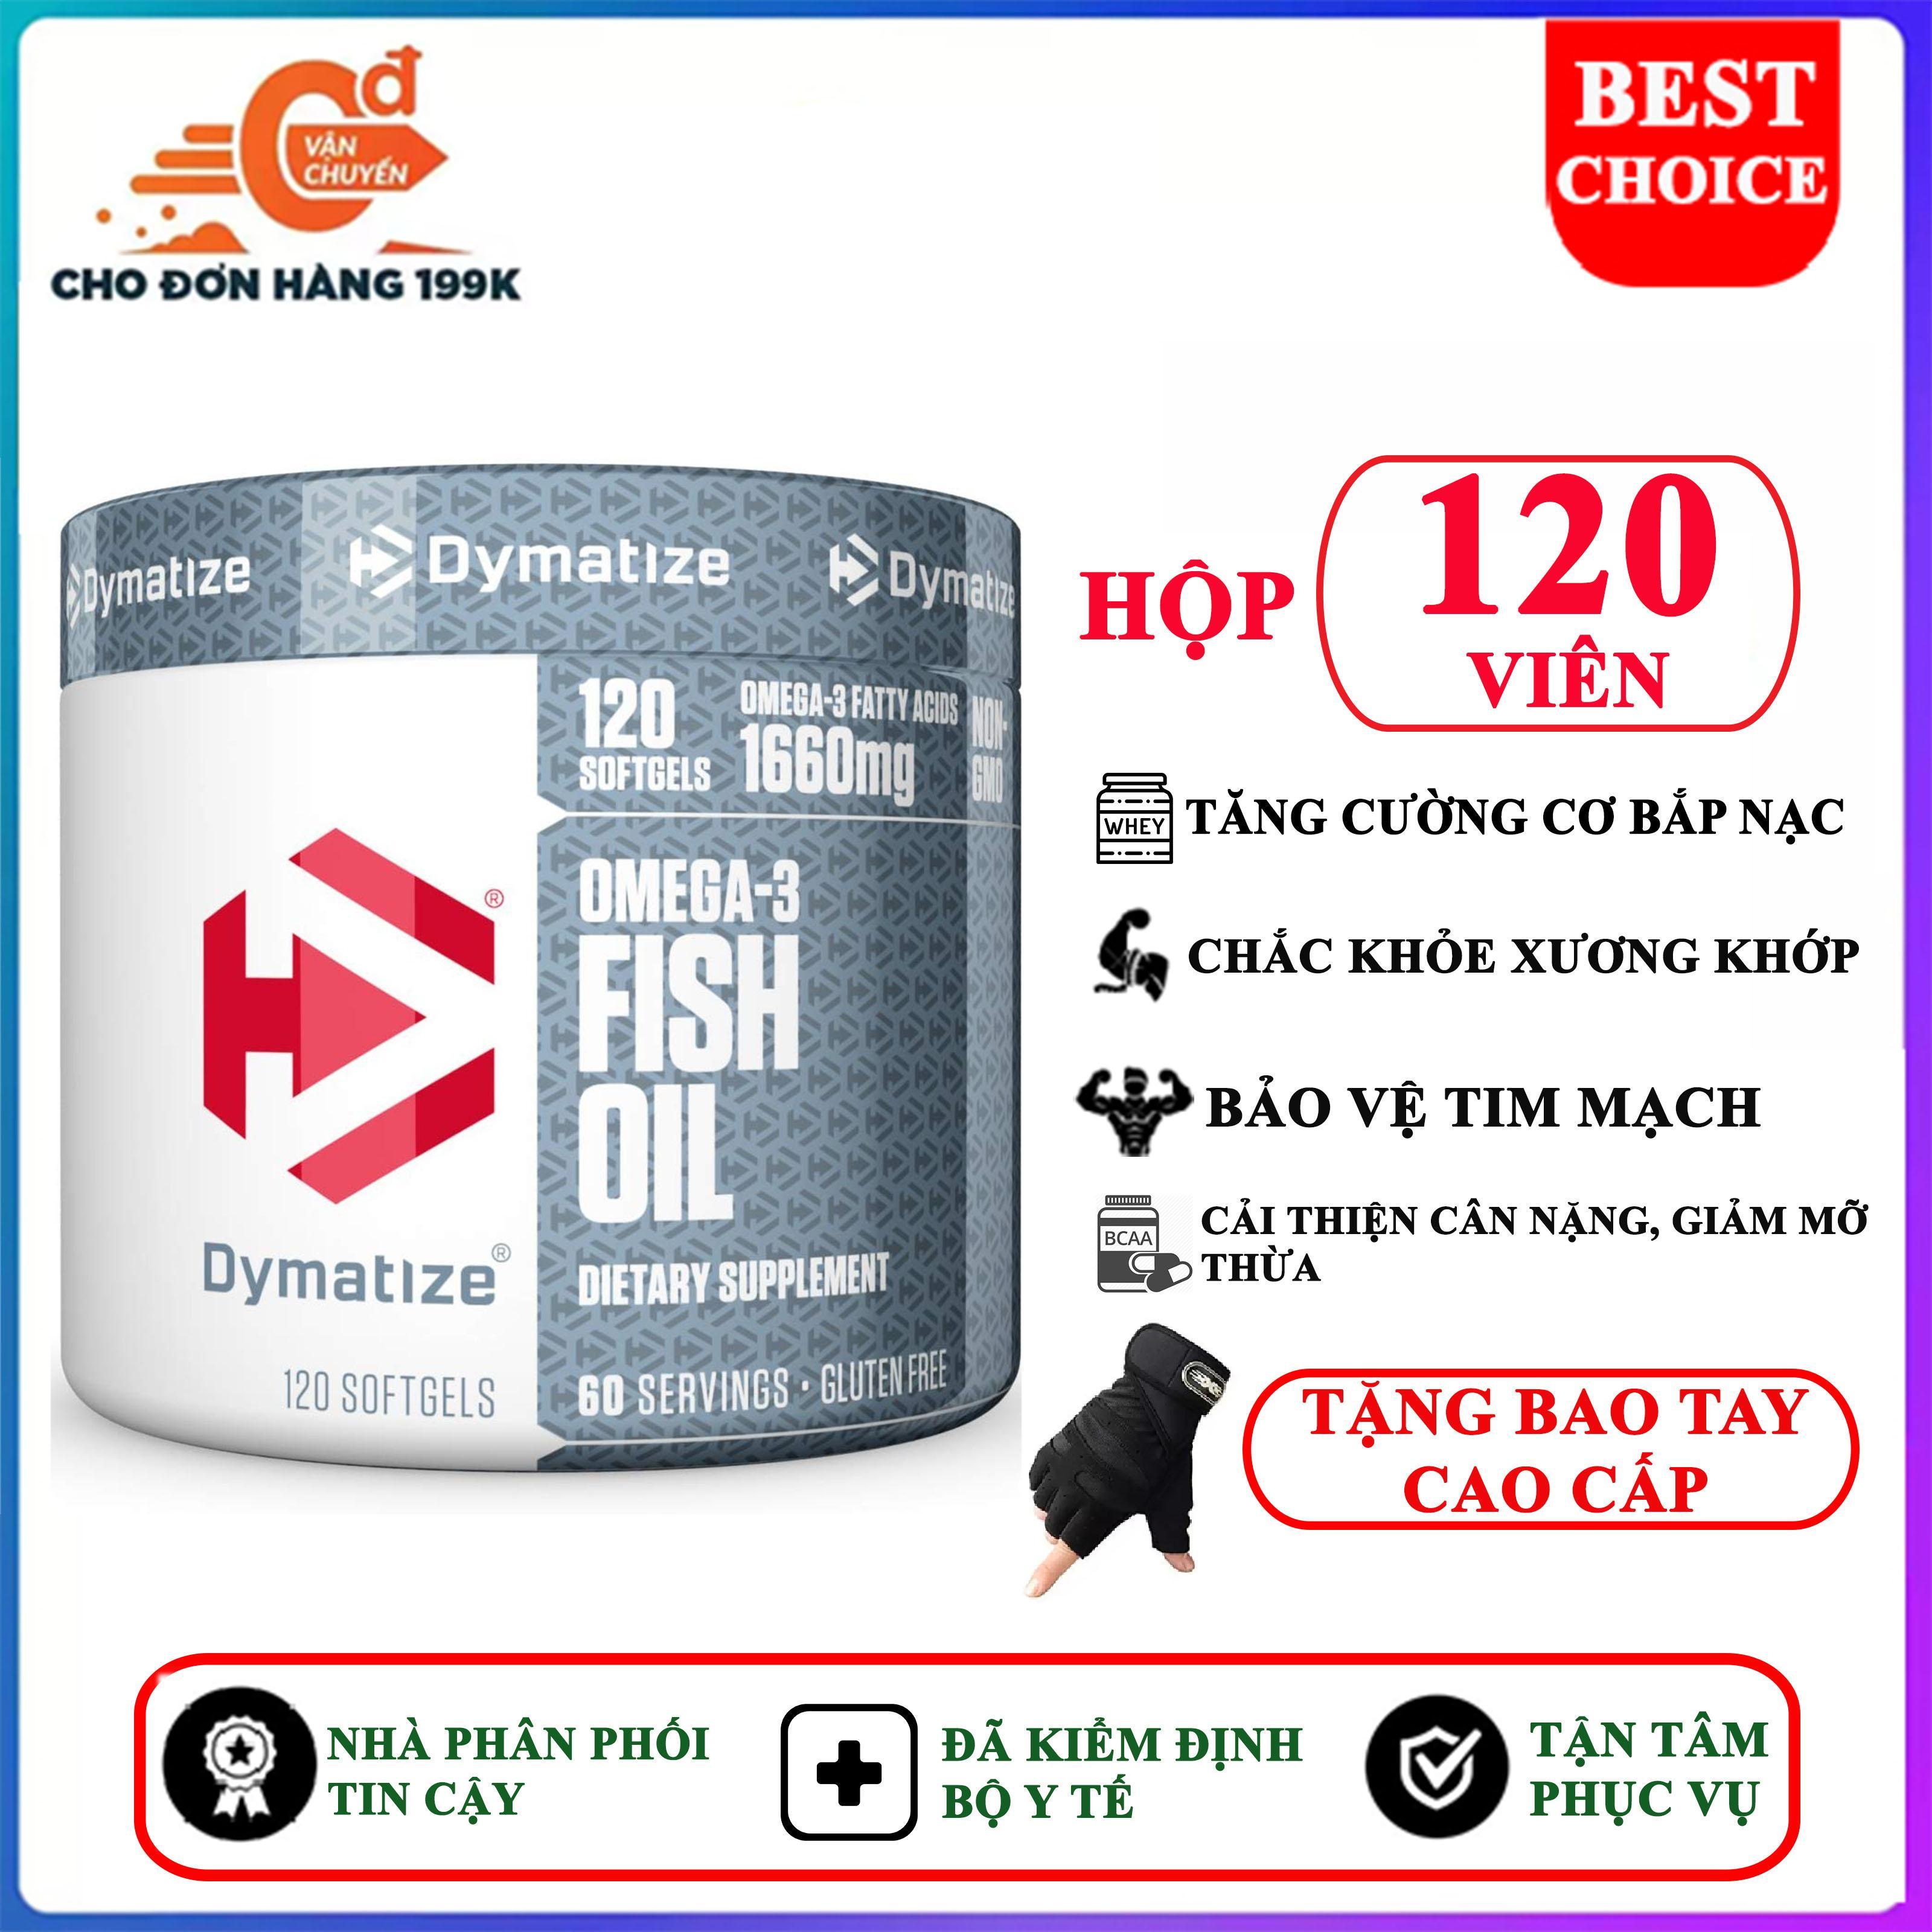 [TẶNG BAO TAY] Dầu Cá OMEGA 3 FISH OIL của DYMATIZE hộp 120 viên hỗ trợ chắc khỏe xương khớp, bảo vệ tim mạch, chống dị hóa cơ, xây dựng cơ nạc